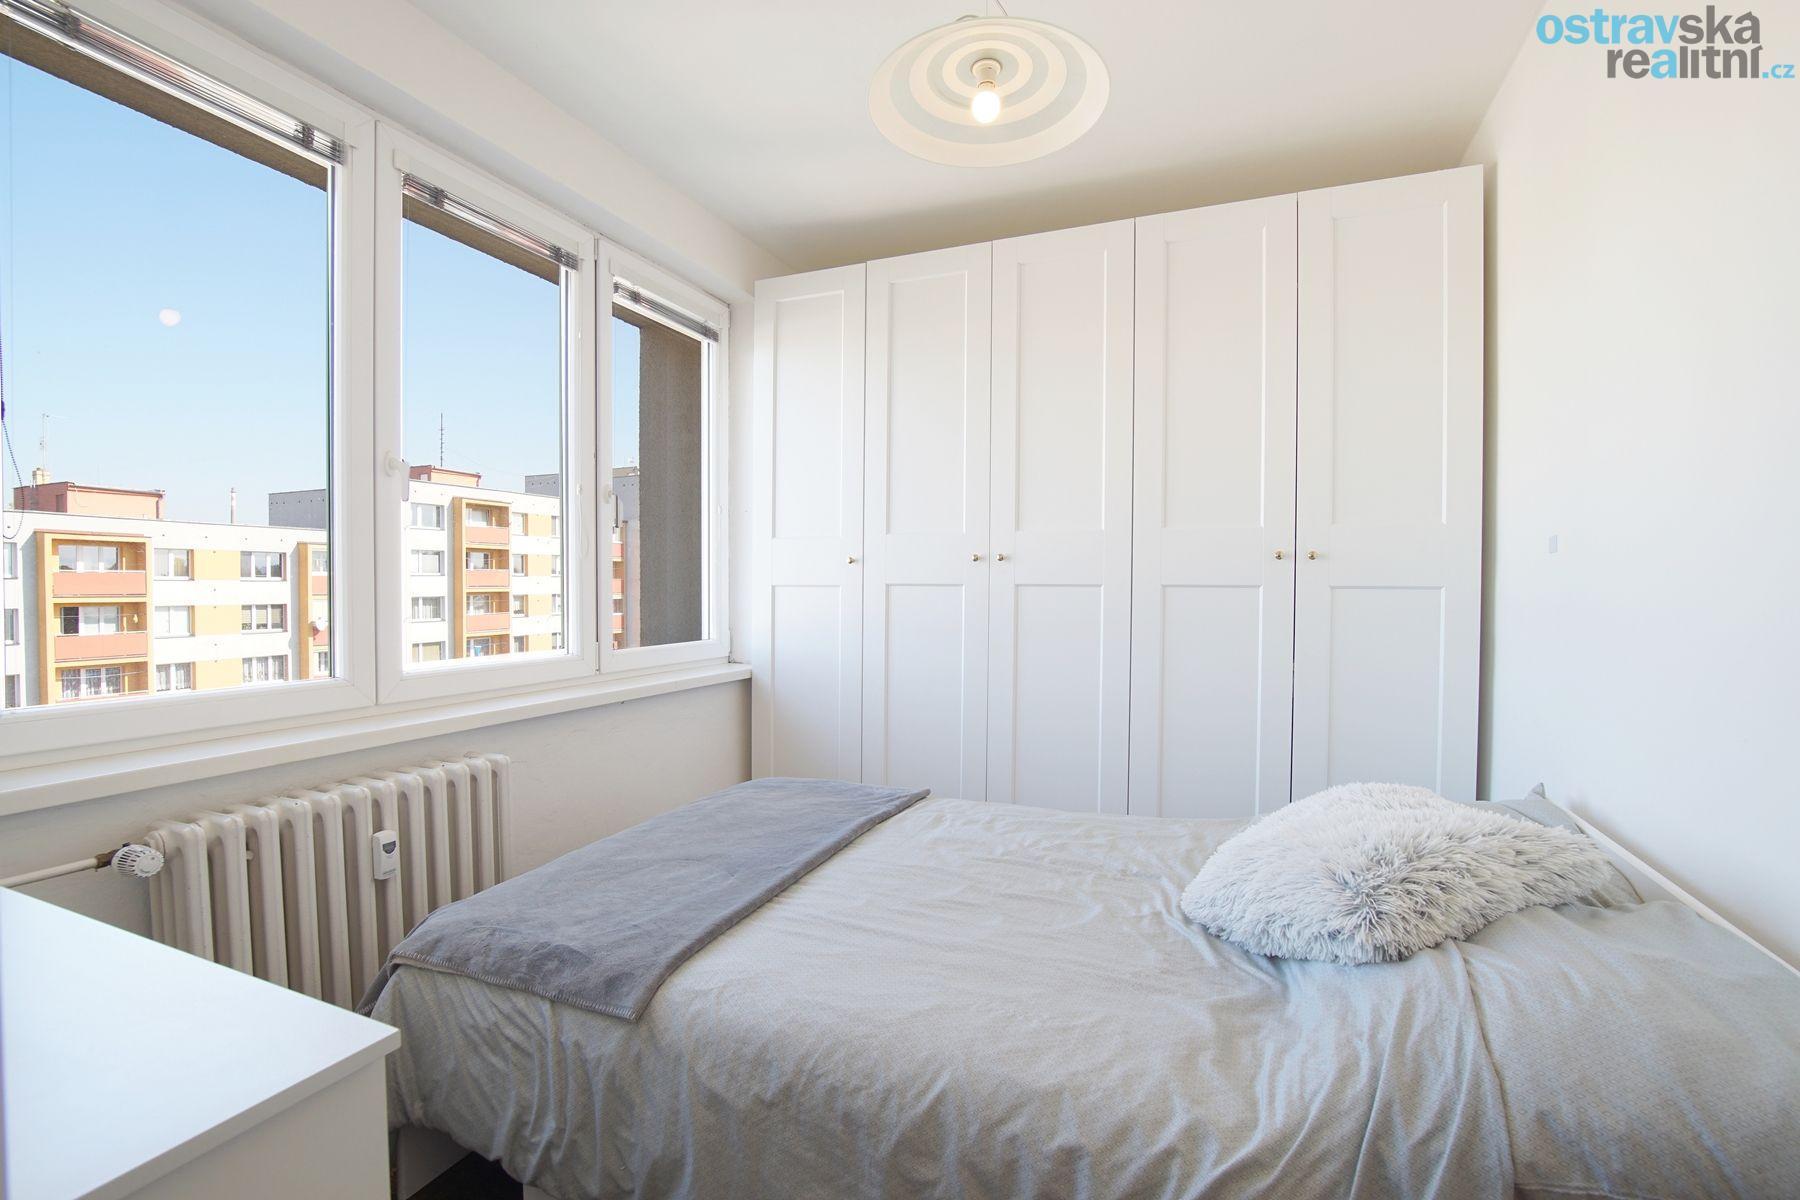 Prodej, byt 3+1, Karviná Nové Město, Tř. 17. listopadu, 66 m2, zasklený balkón